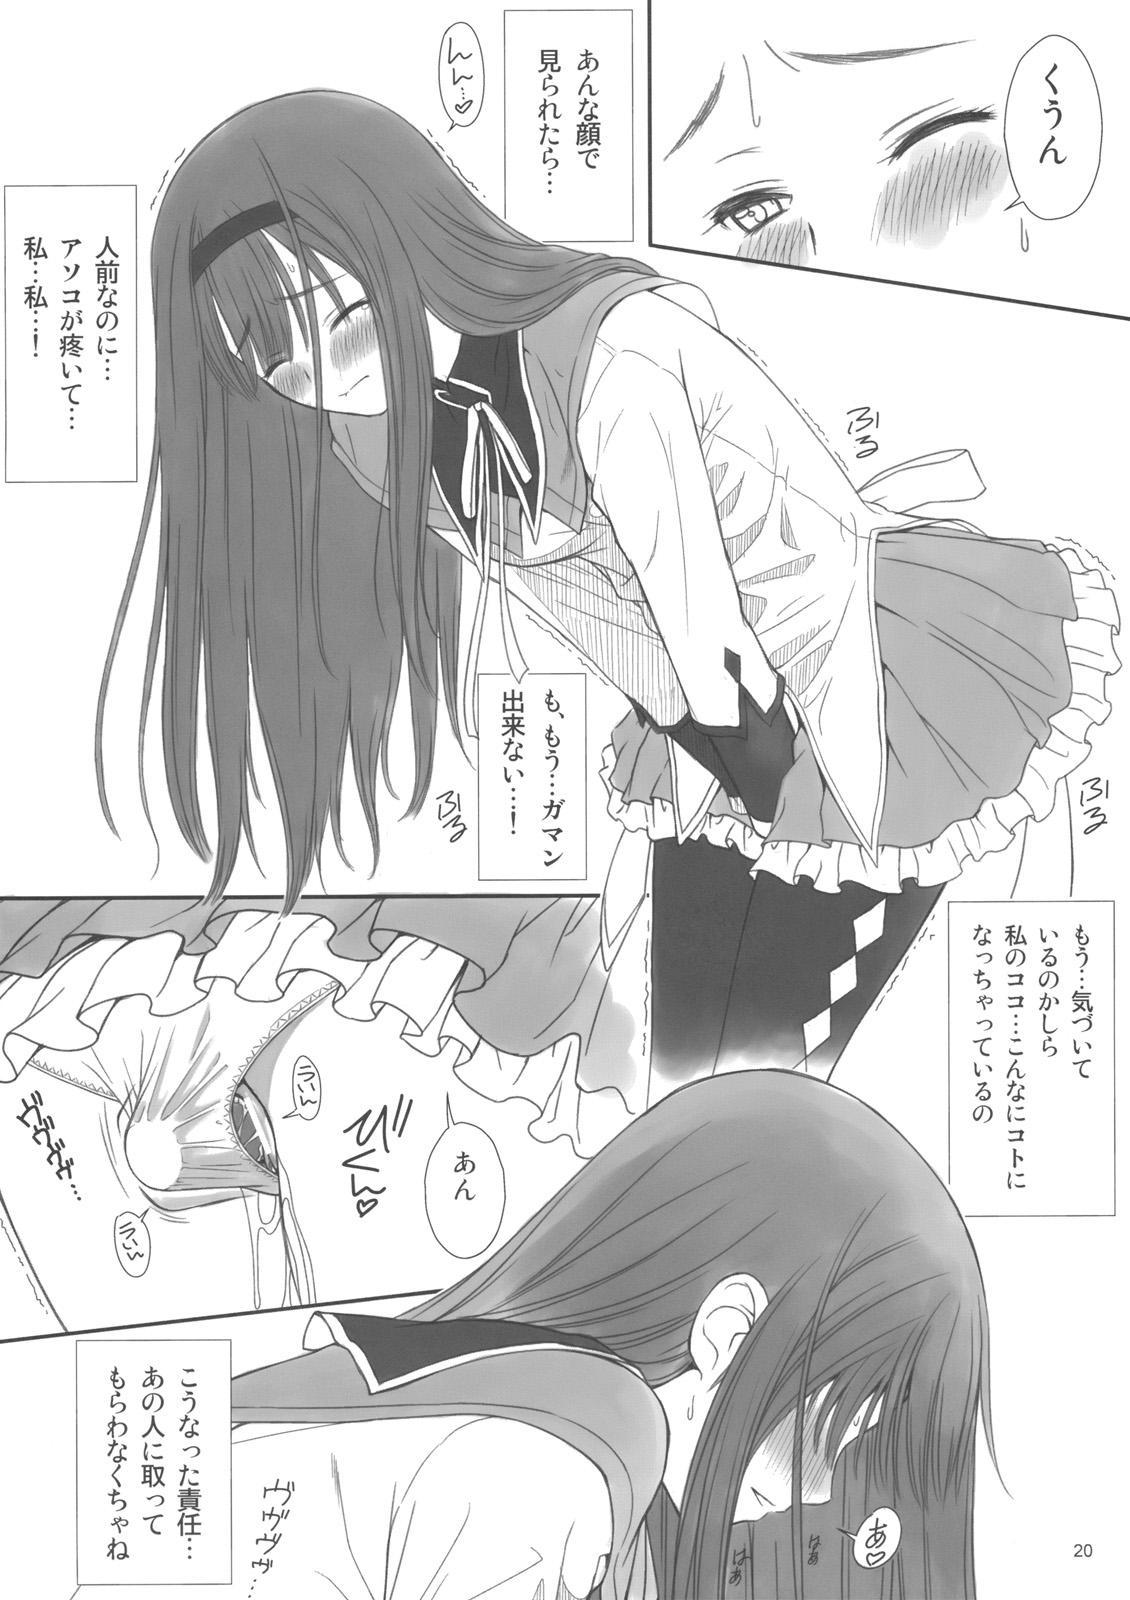 (C82) [T2 ART WORKS (Tony)] Reiko-san to Maya-chan no Koto wo Omotteitara Muramura Shitekita node Erohon ni Shitemitayo. (Fault!!) 18